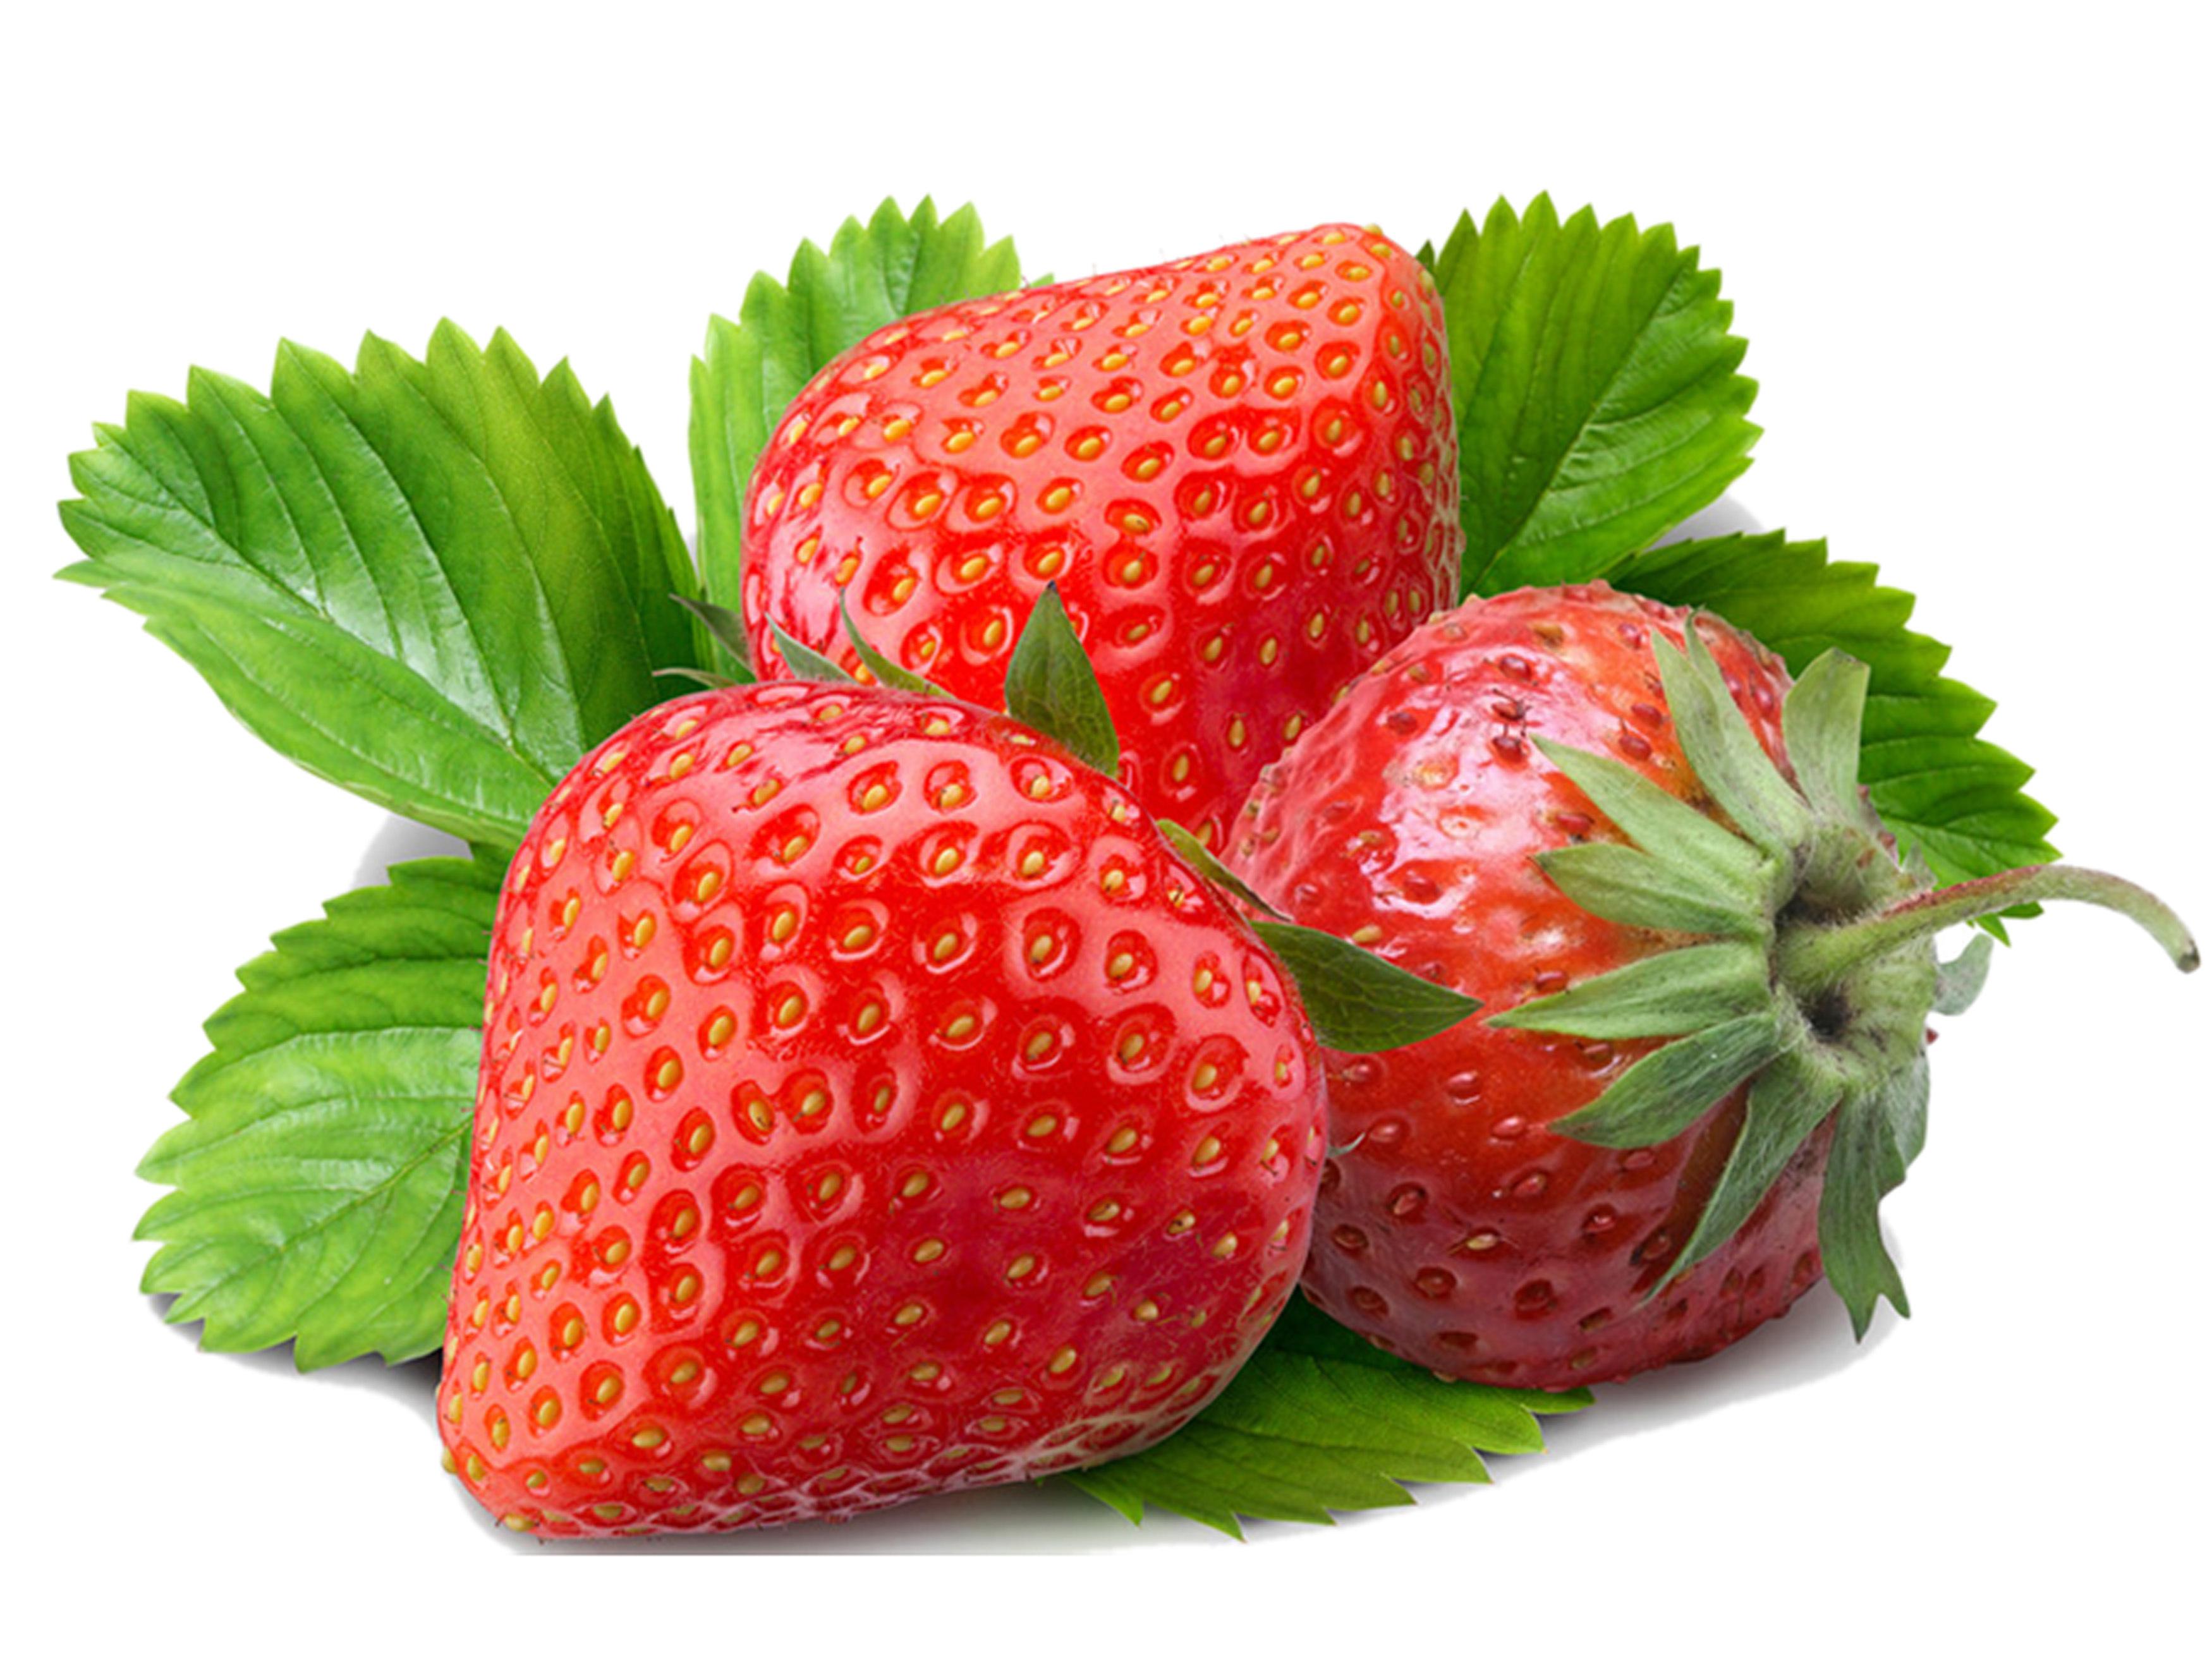 草莓腐烂变质是什么原因引起的如何保鲜防腐